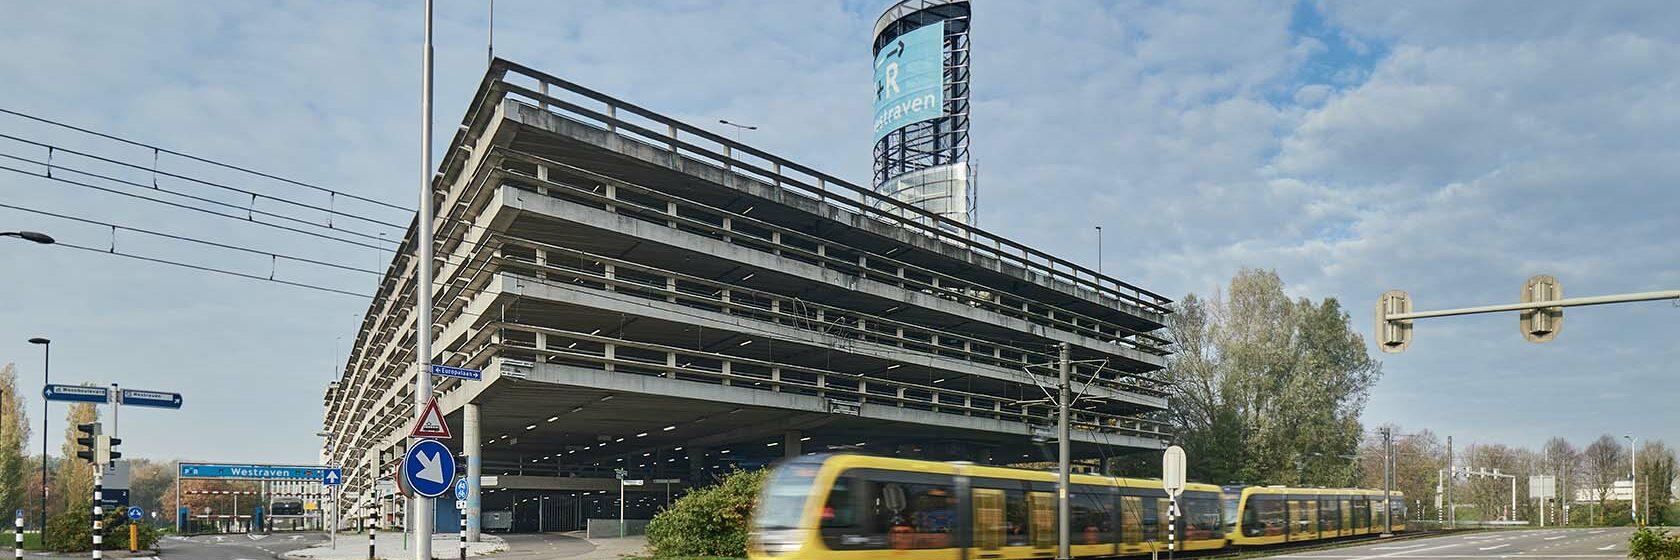 P+R garage in Utrecht Westraven met tram en kruispunt op de voorgrond